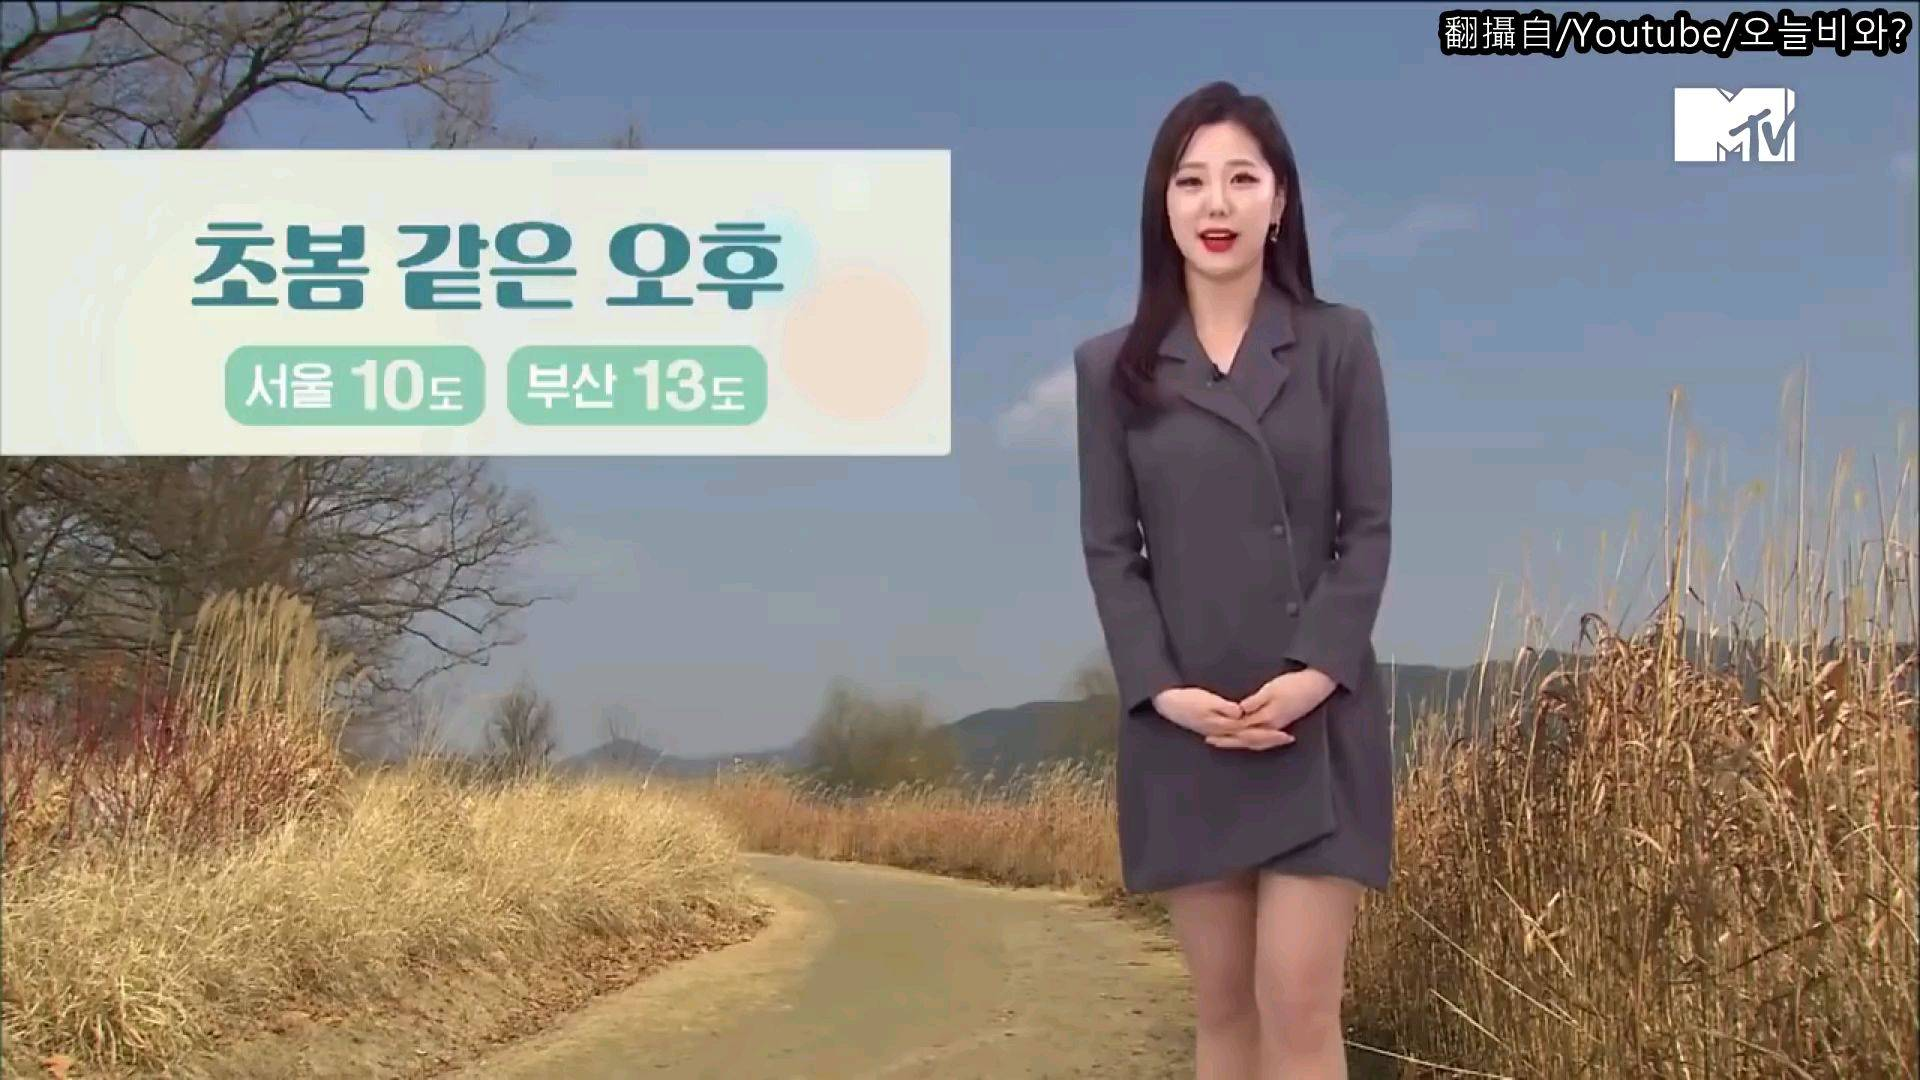 韩天气预报主播的可爱一幕